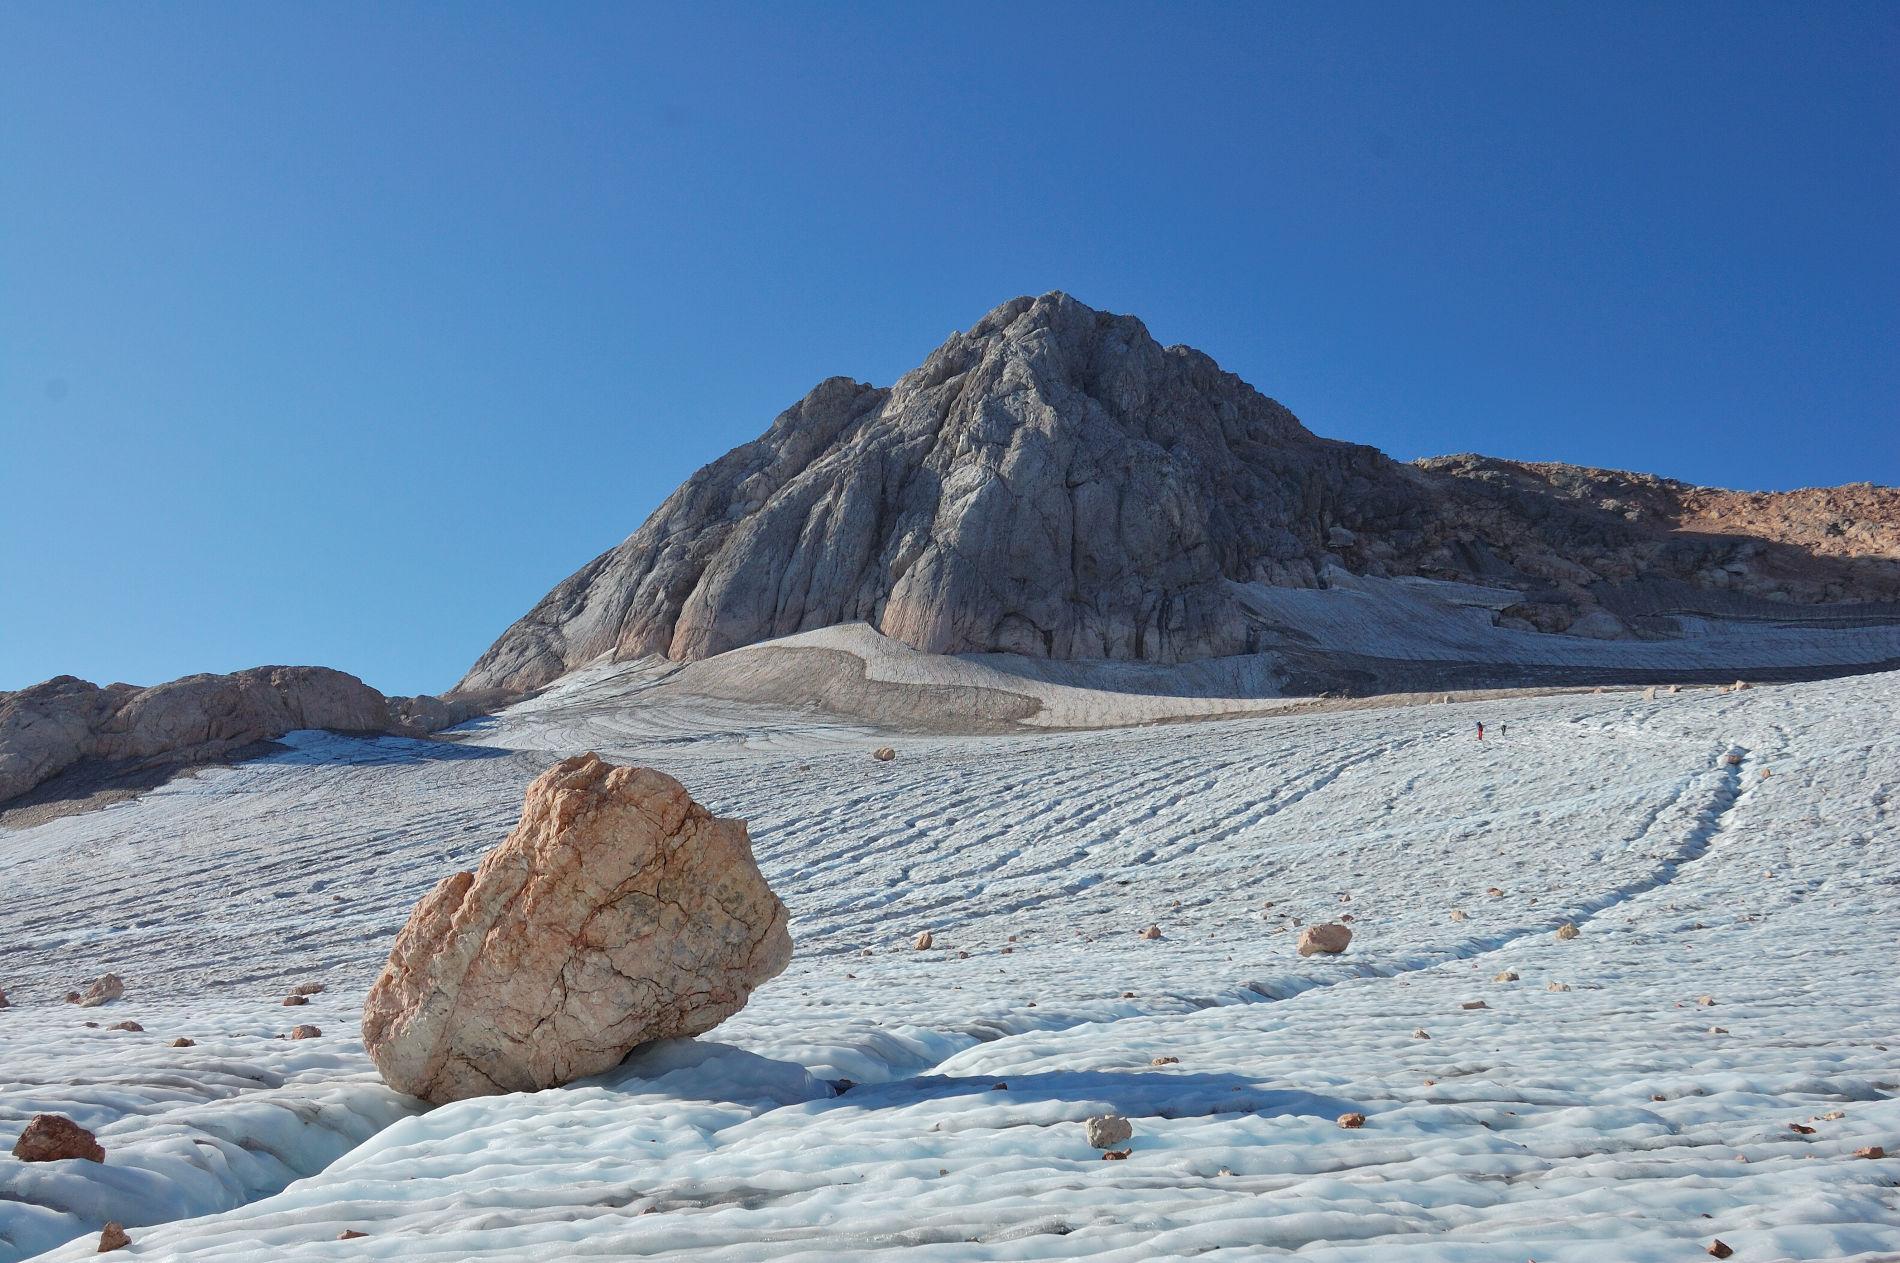 Ледник на Фиште уменьшается последние несколько лет ©Фото Дмитрия Андреева, mountaindreams.ru